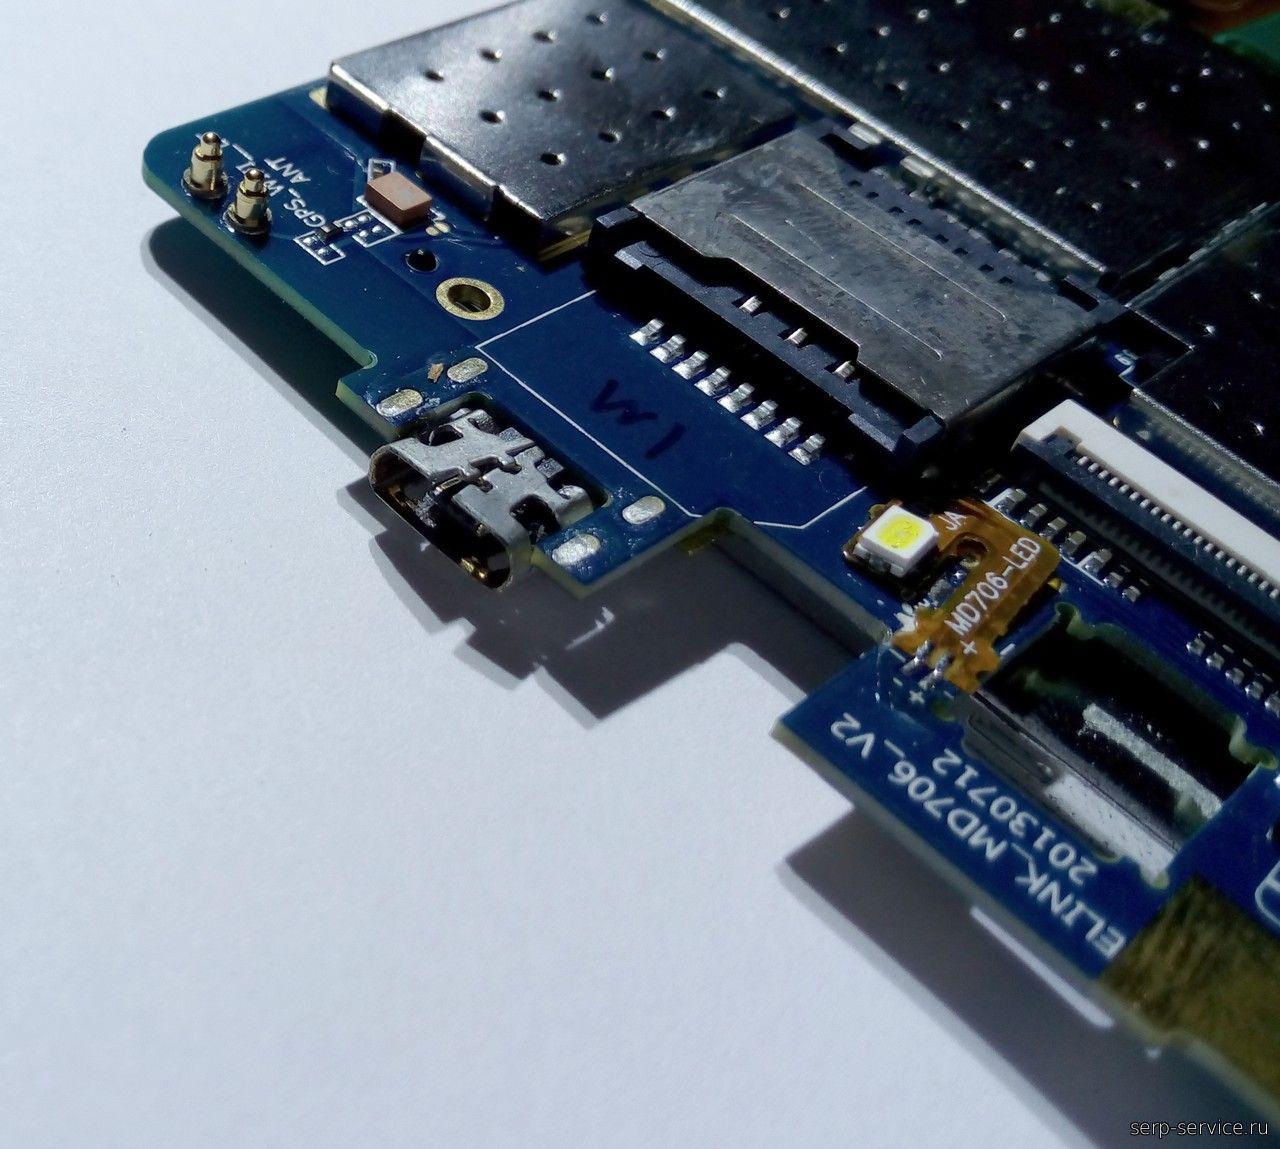 Что делать, если не работает сенсор на планшете - m 41